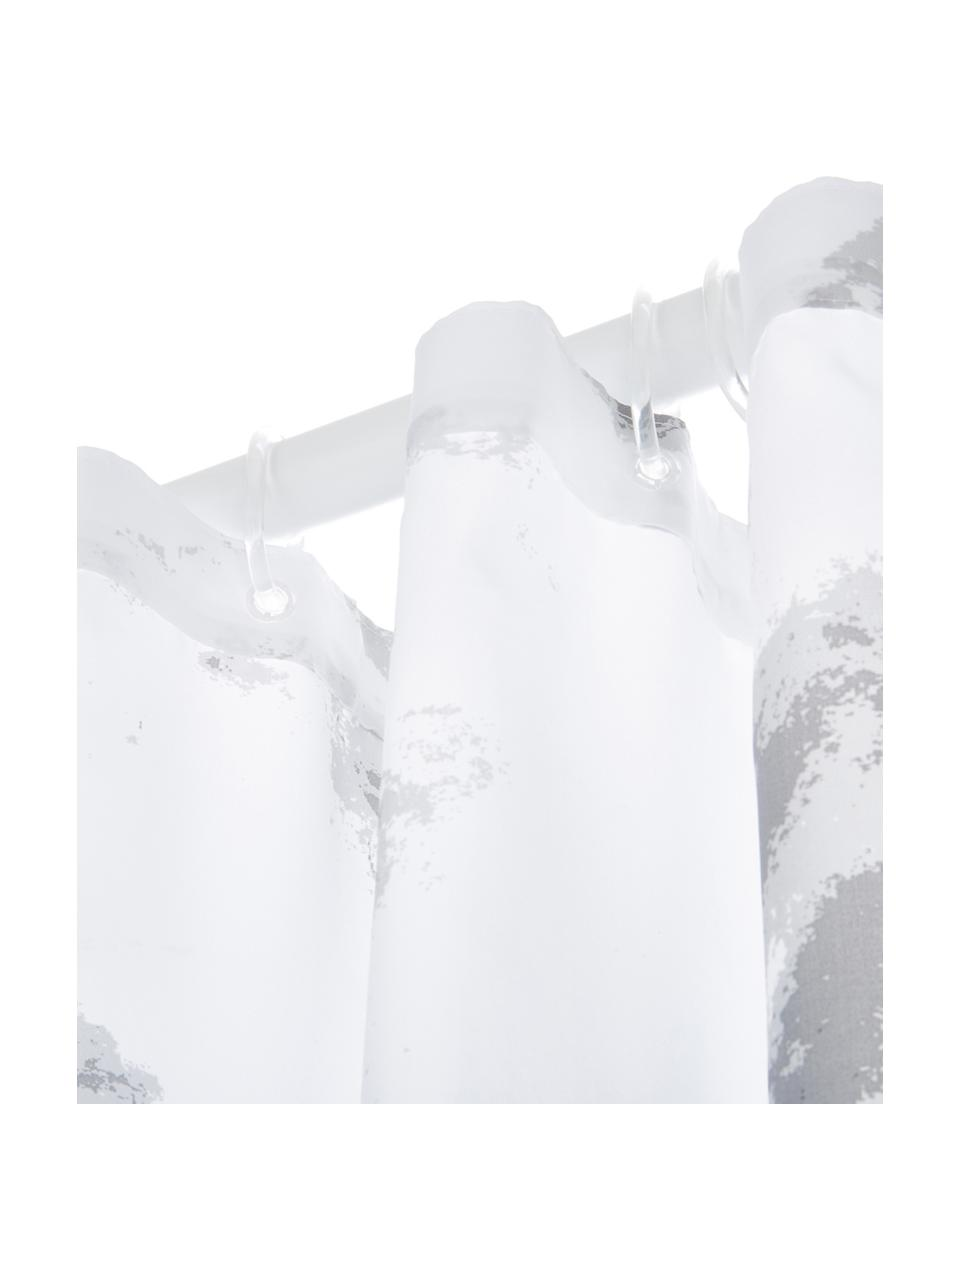 Duschvorhang Marble mit Marmor-Print, 100% Polyester Wasserabweisend, nicht wasserdicht, Anthrazit, Weiß, 180 x 200 cm